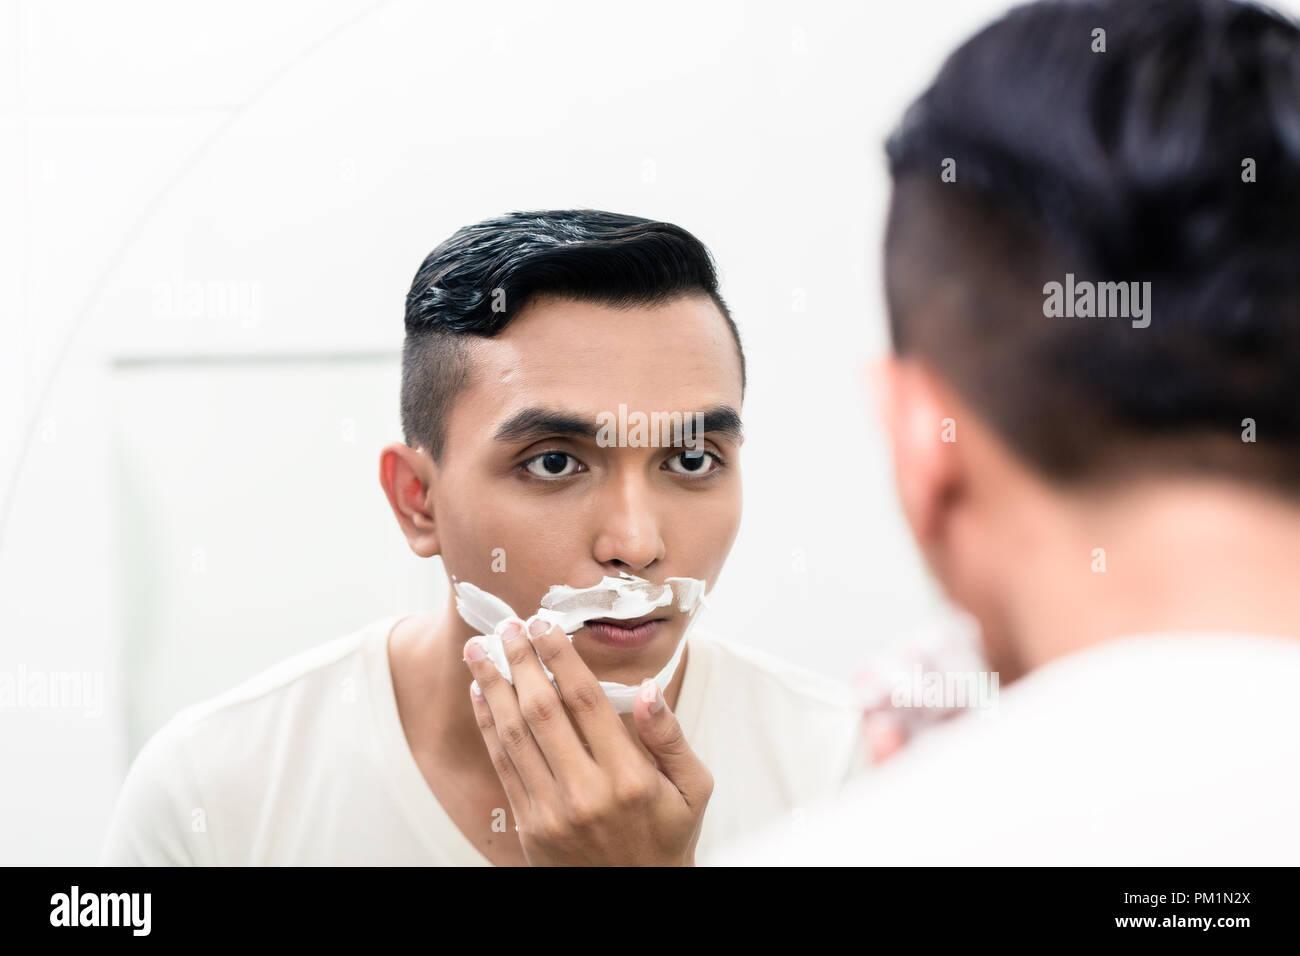 Uomo di applicare schiuma da barba Immagini Stock